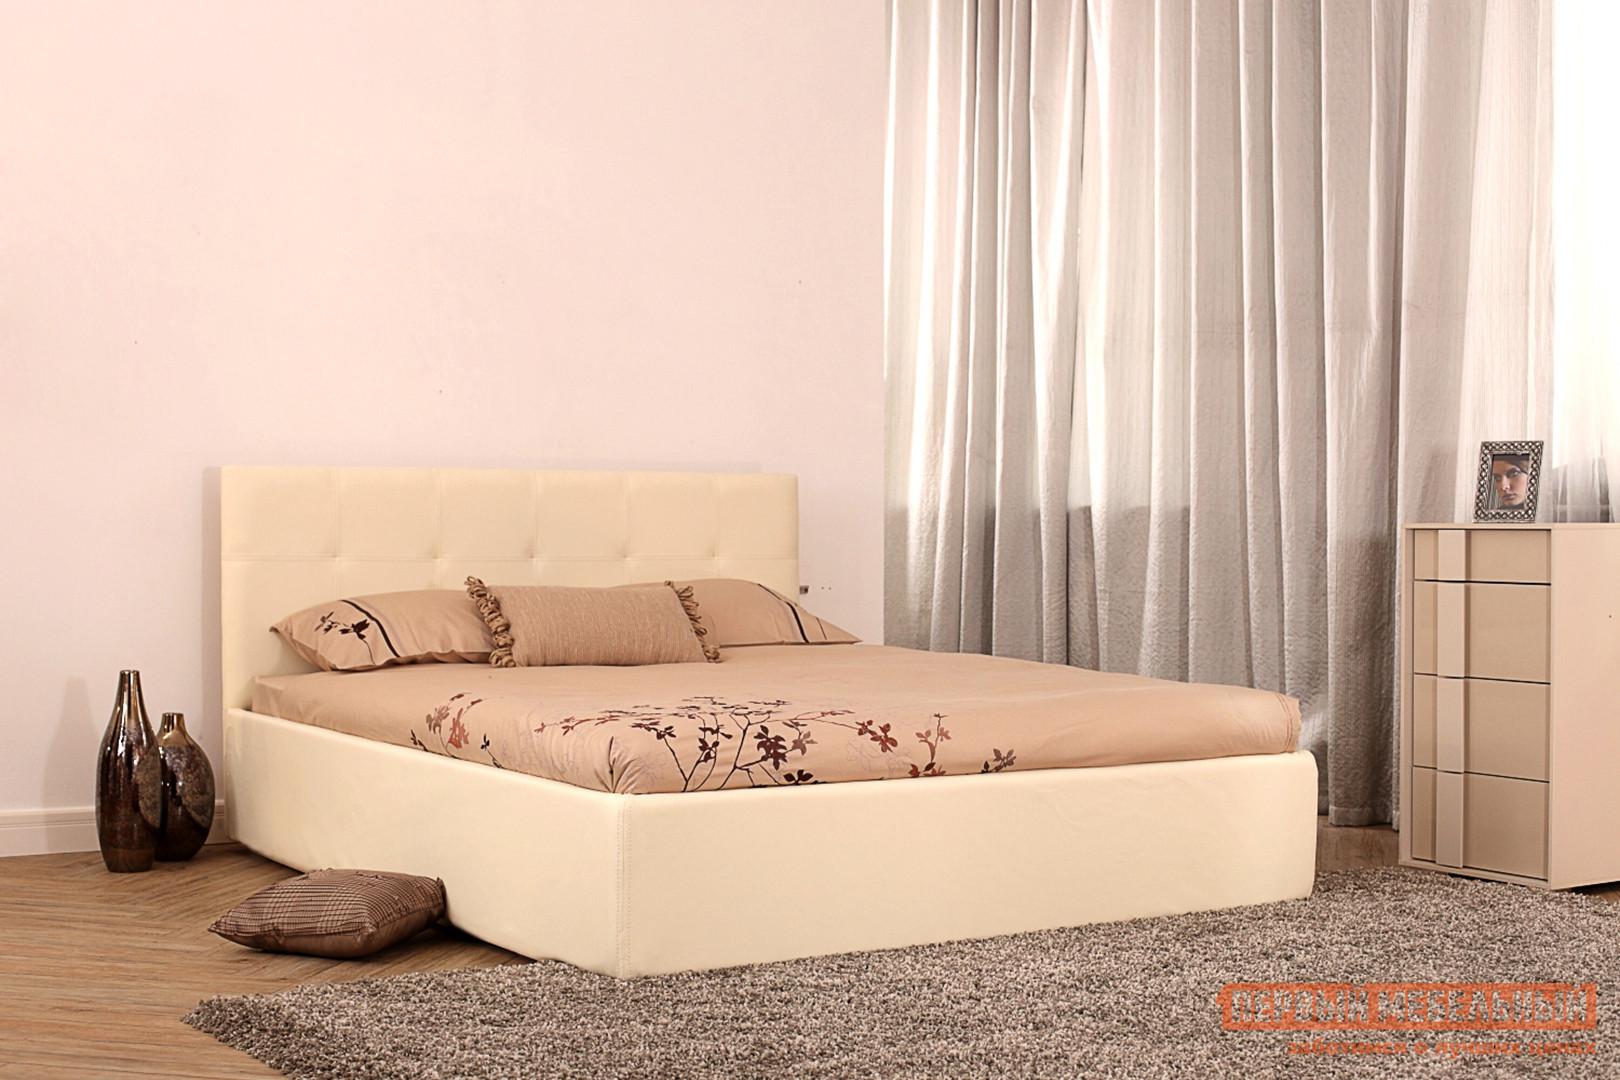 Первый Мебельный Кровать Монако 90х200 кровать софия 90х200